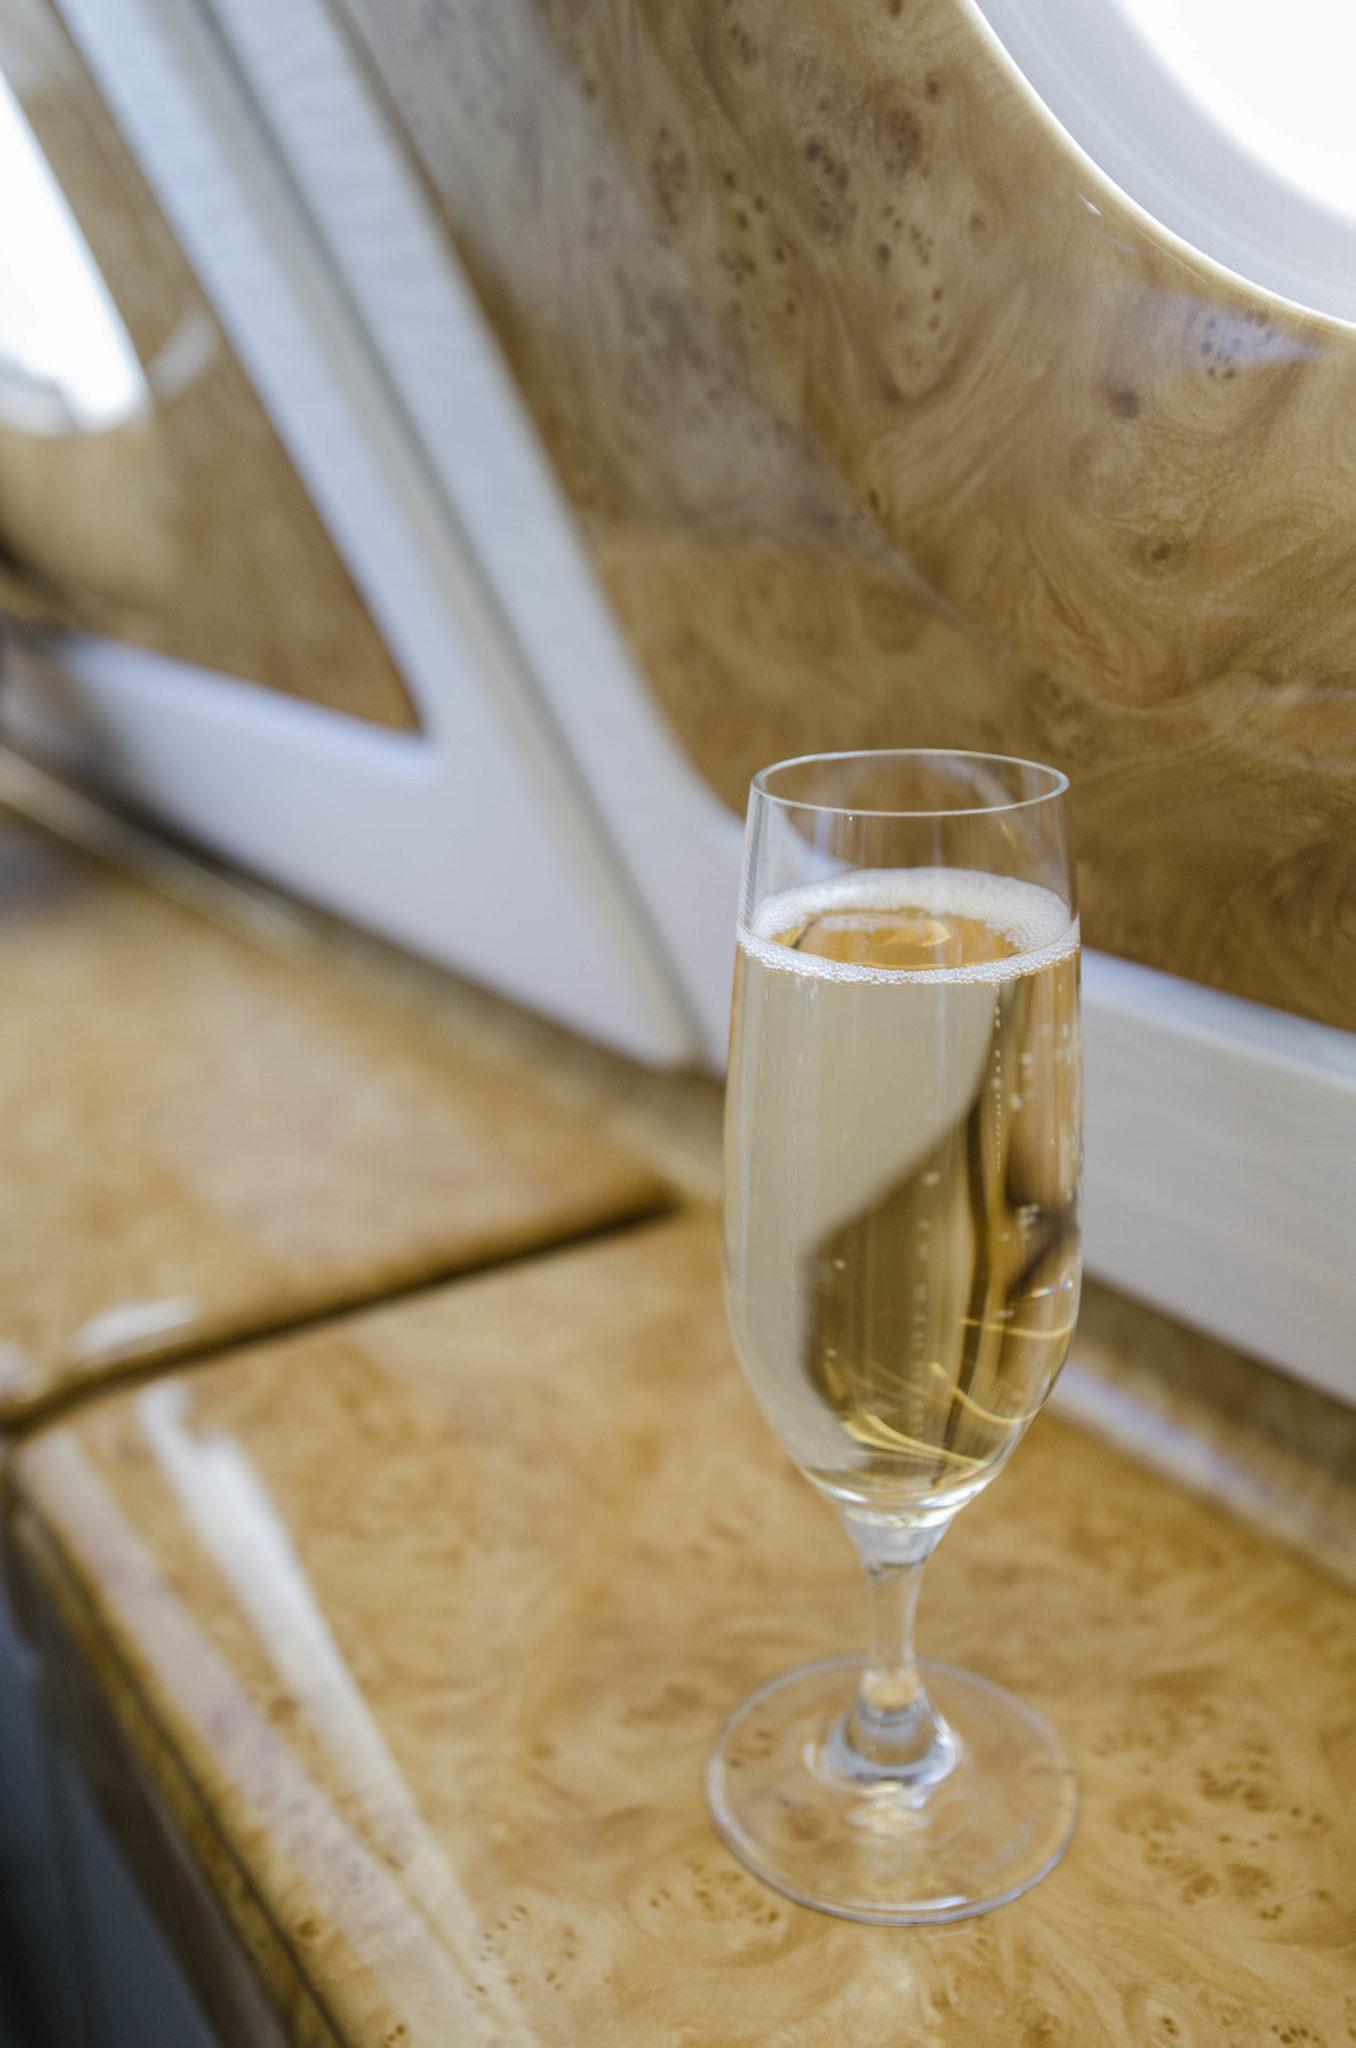 Mit Emirates nach München: Ein Glas Champagner gibt's als Begrüßung.